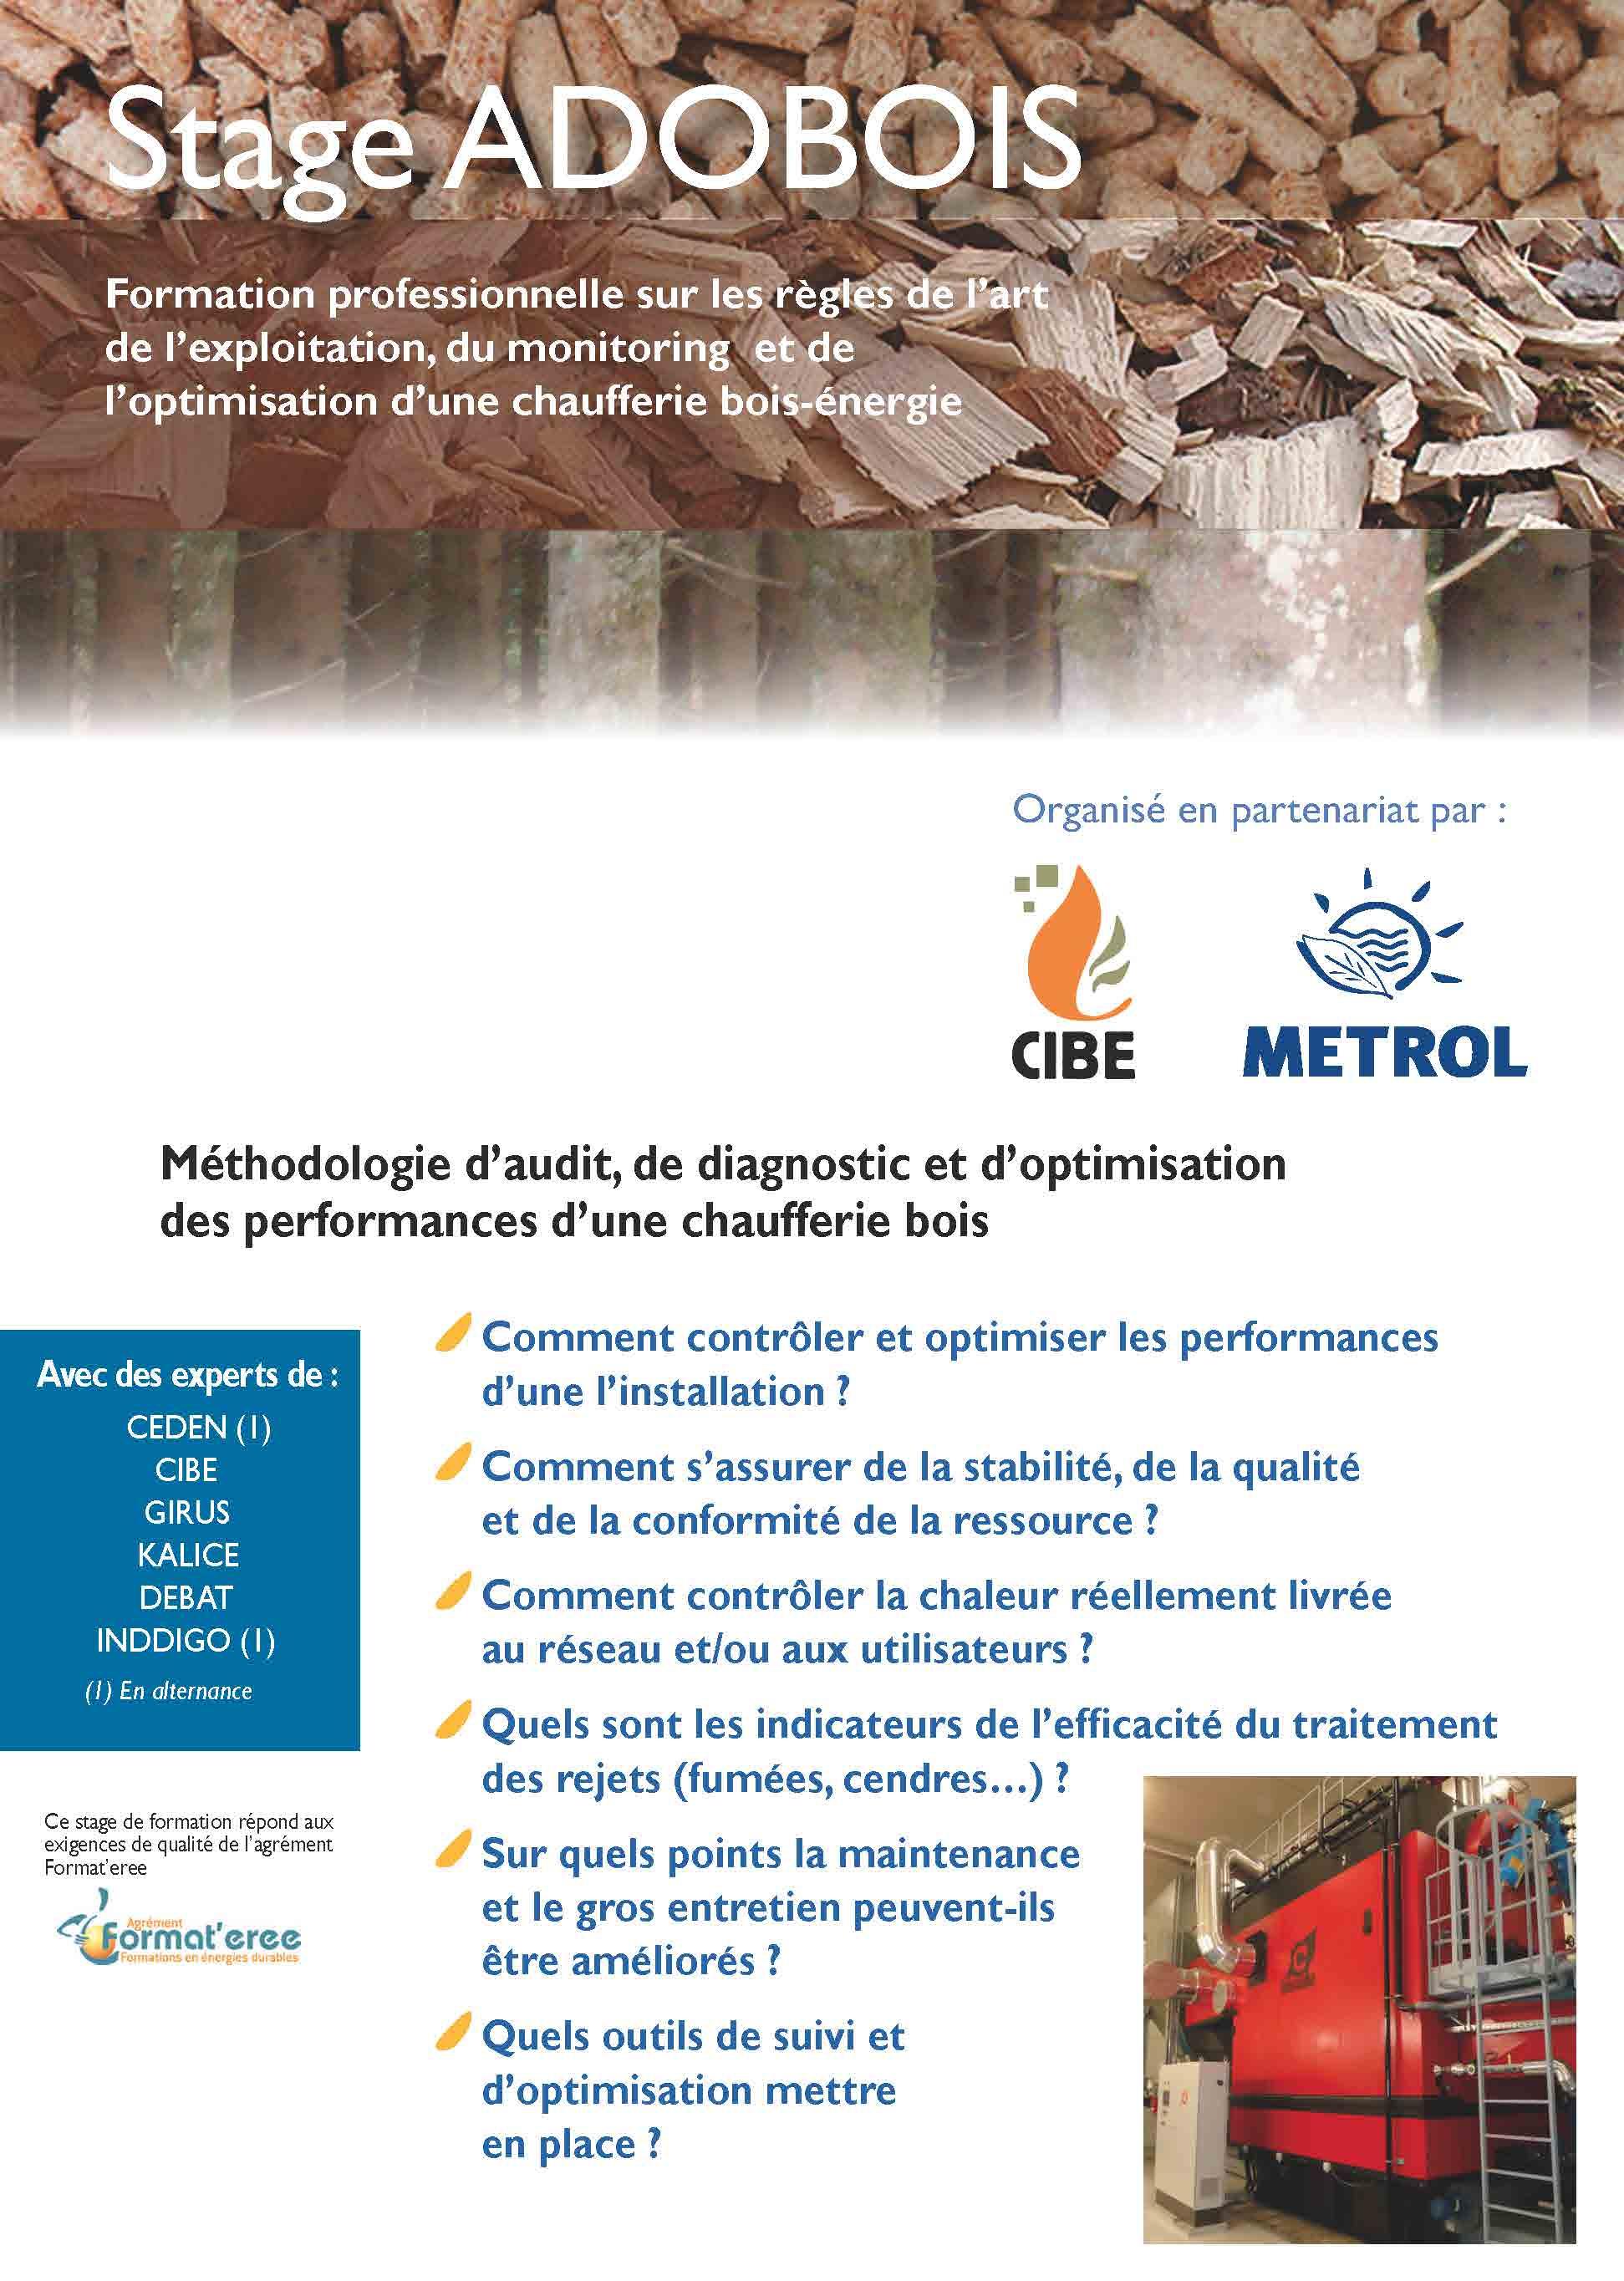 ADOBOIS : Méthodologie d'audit, de diagnostic et d'optimisation des performances d'une chaufferie bois.